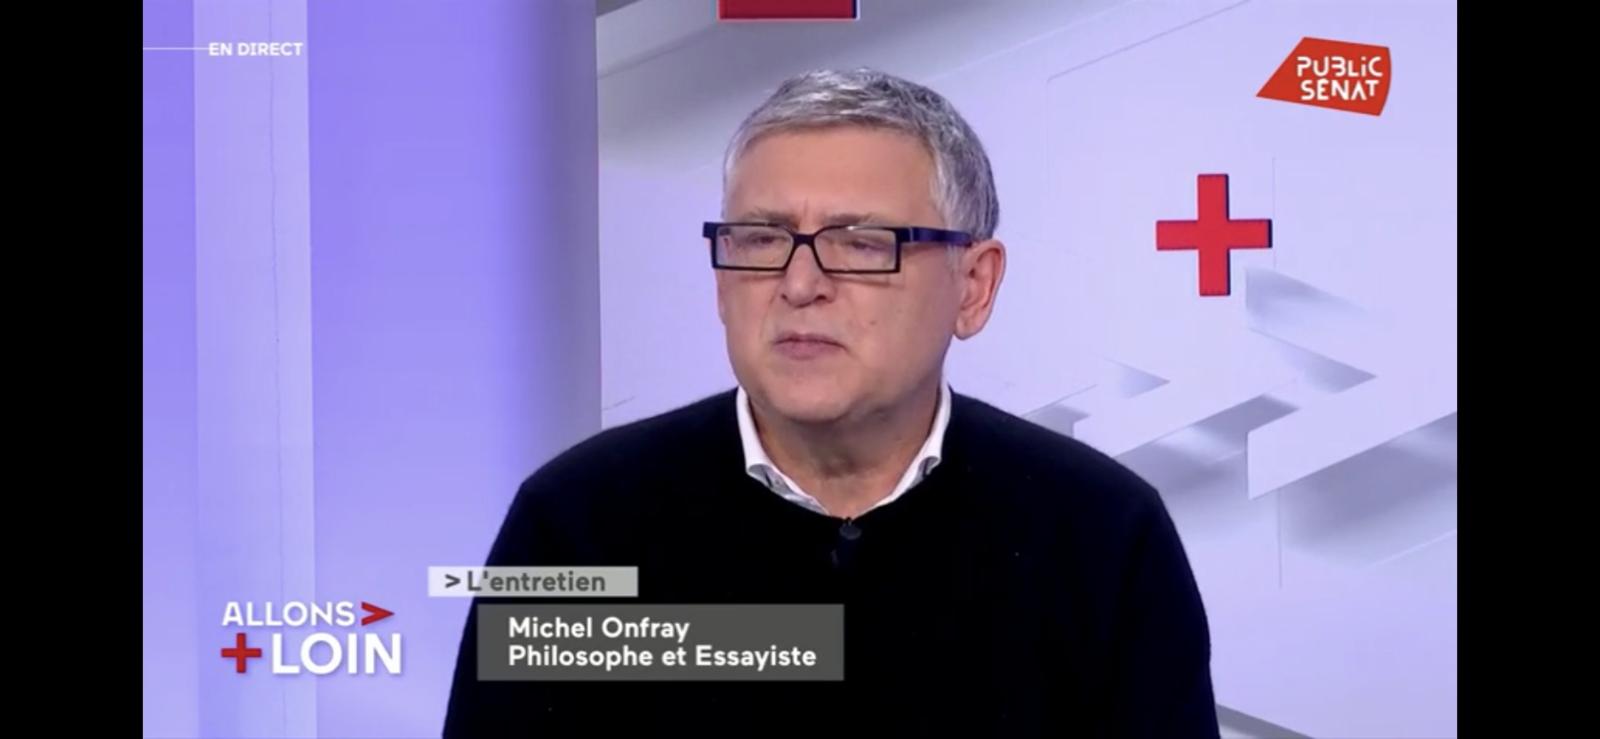 Michel Onfray - Allons plus loin (Public Sénat) - 03.02.2020